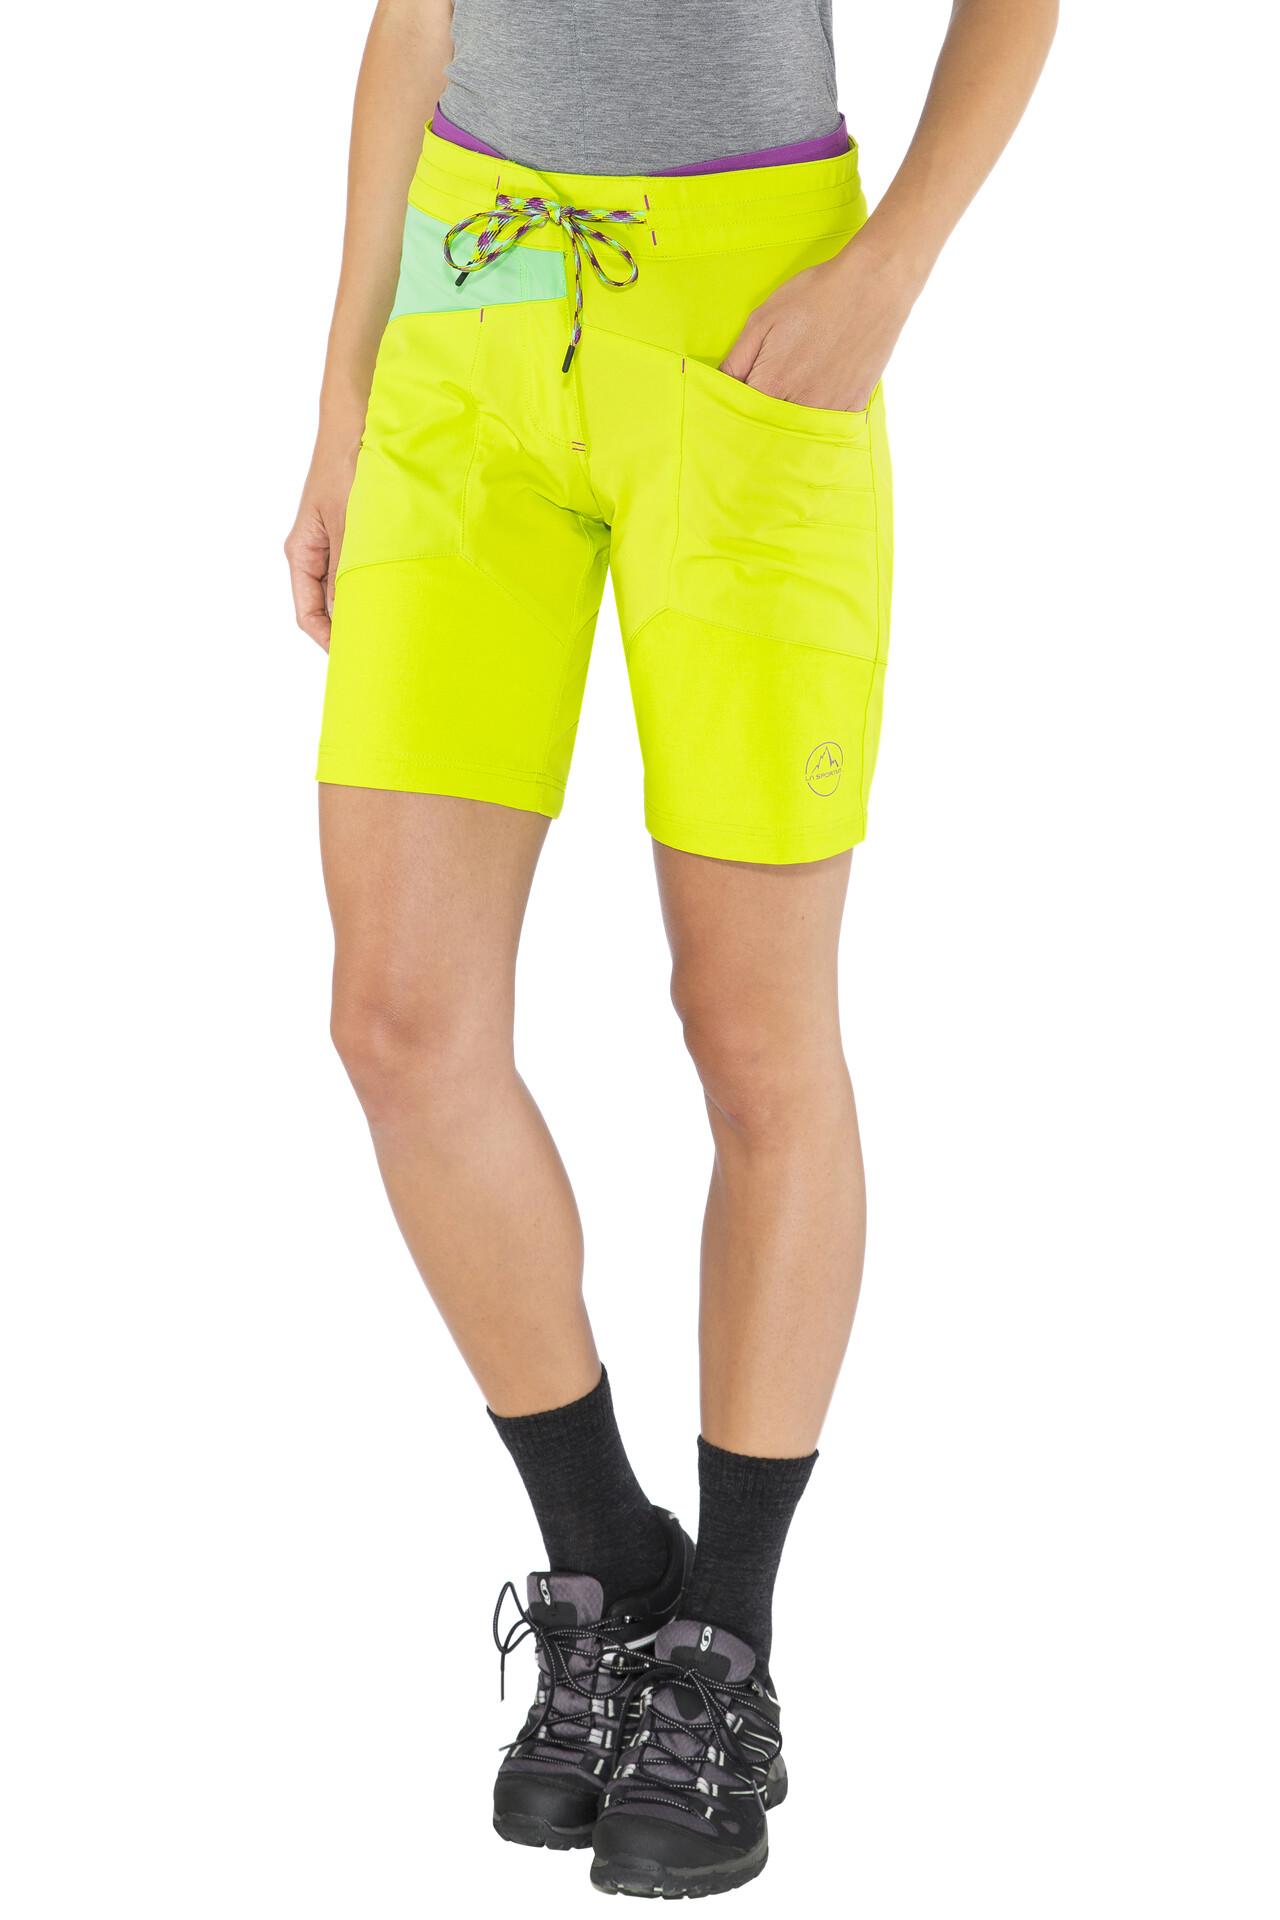 La Sportiva TX Short Femme, apple greenjade green